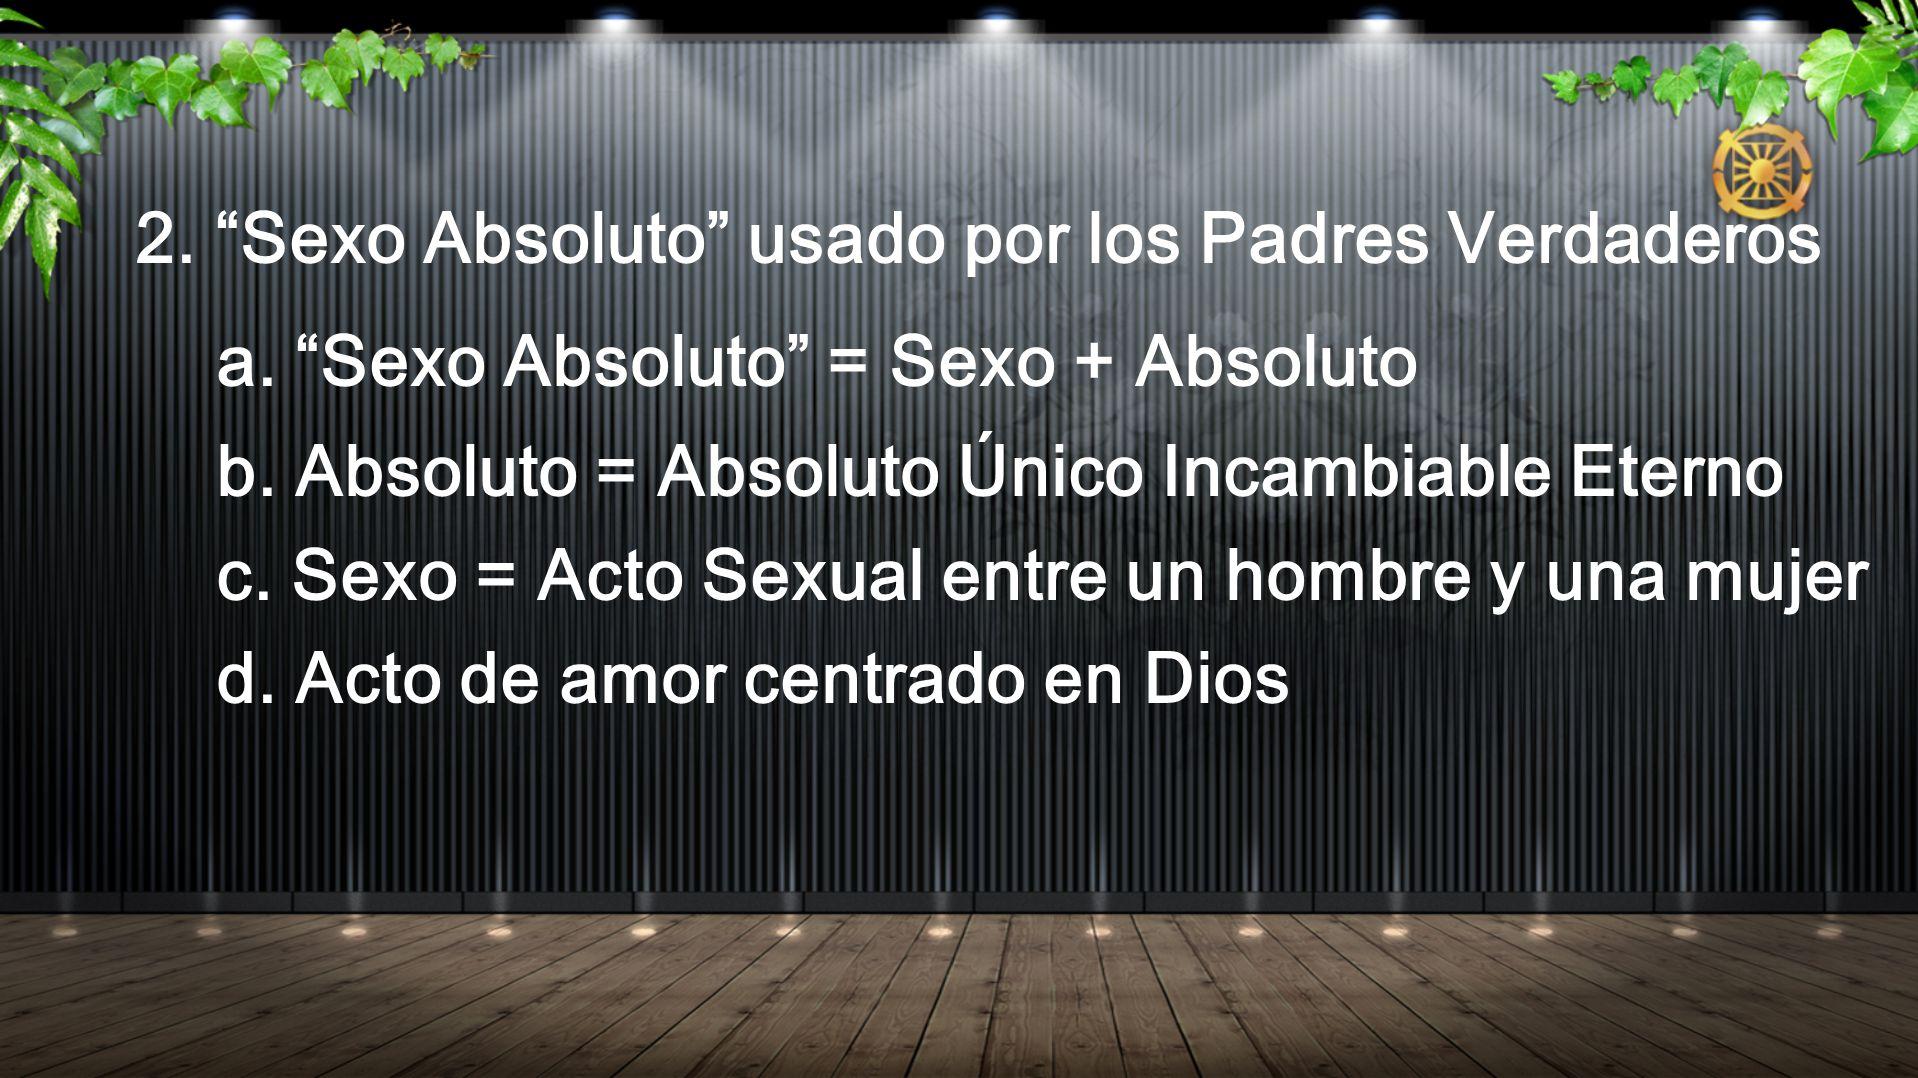 2. Sexo Absoluto usado por los Padres Verdaderos